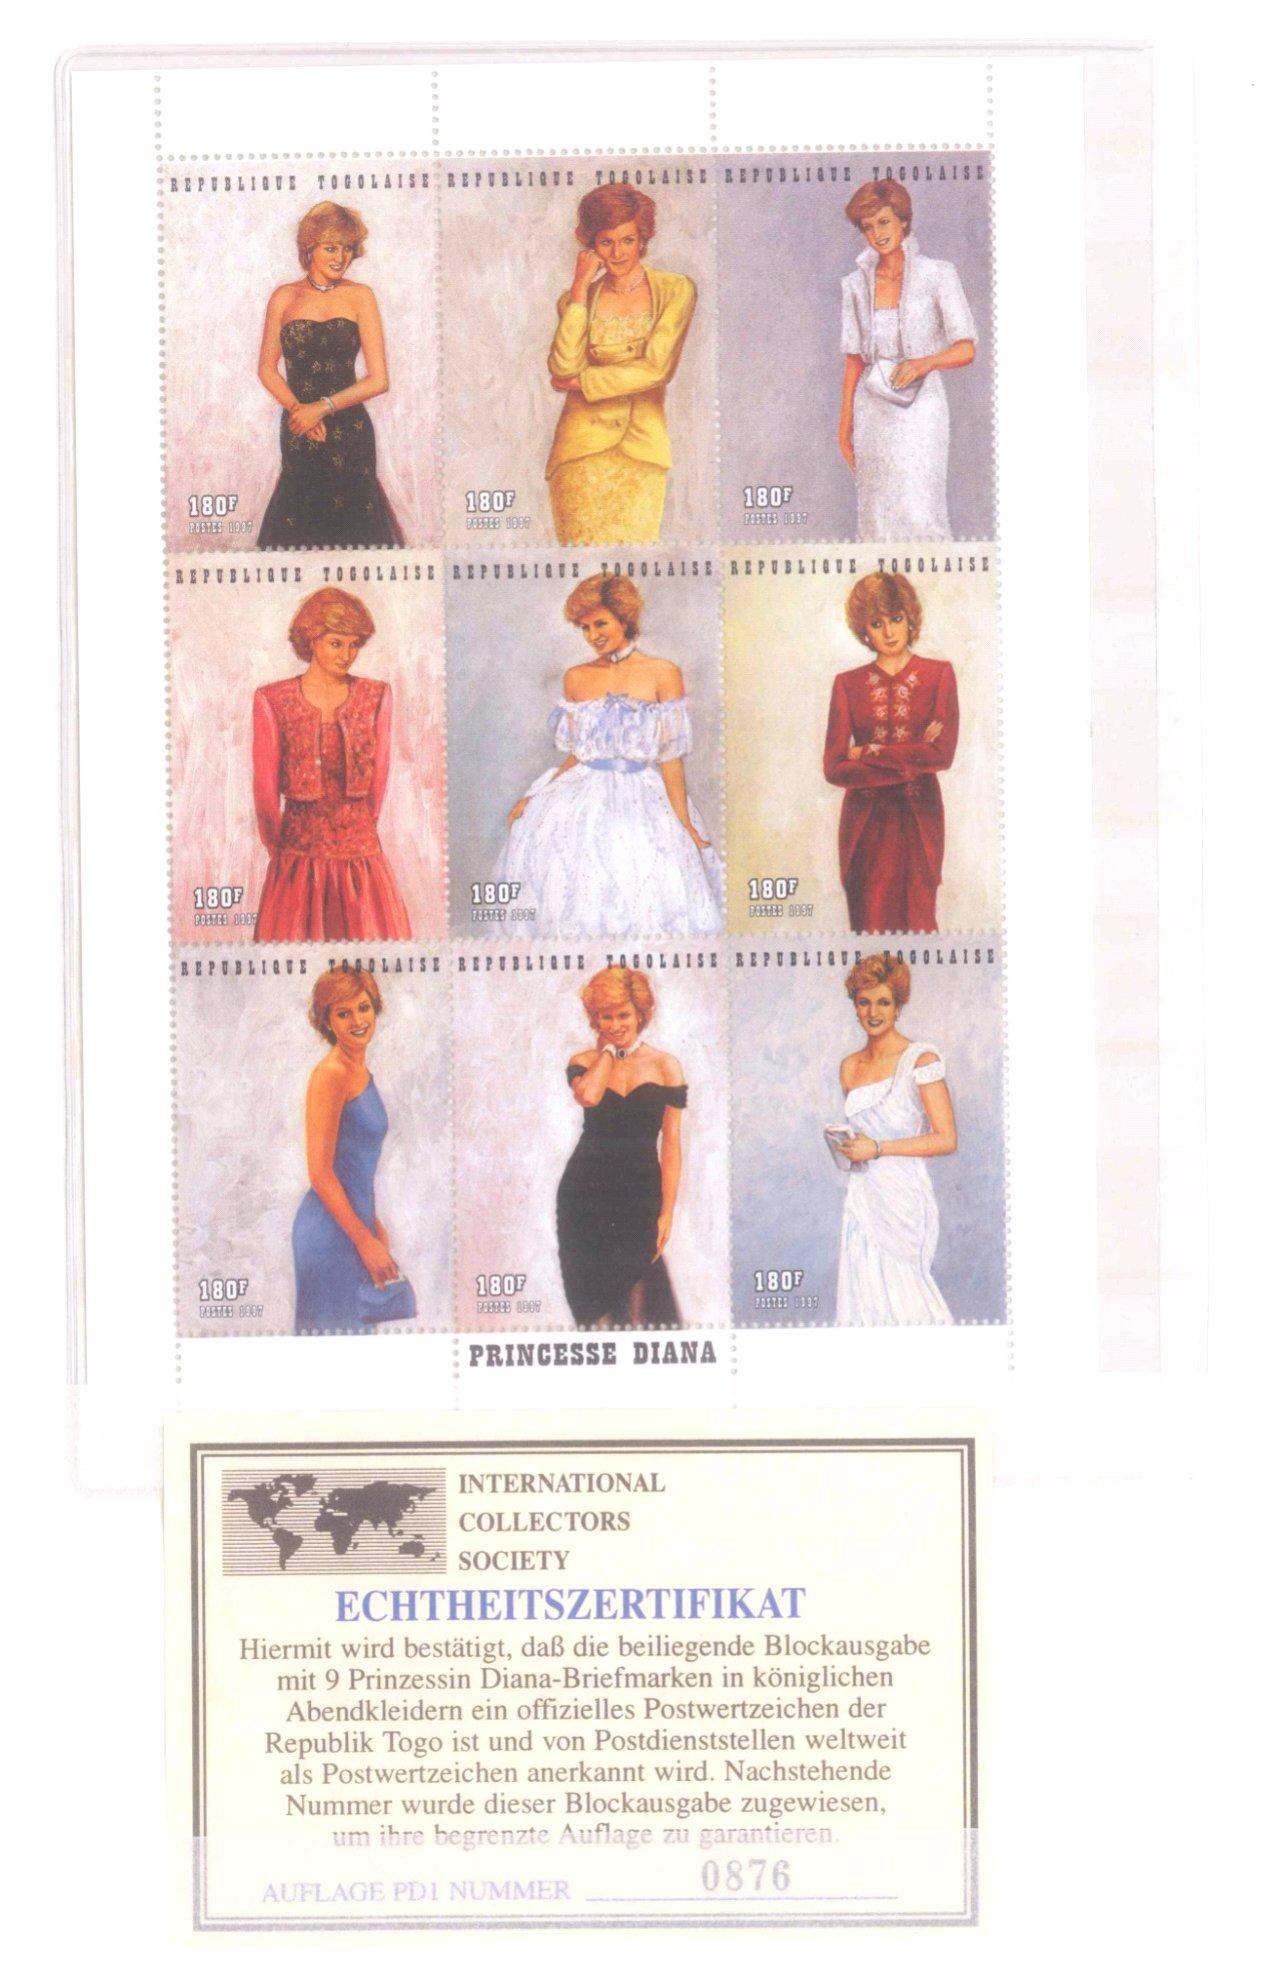 Kleiner Briefmarkennachlass Alle Welt-1